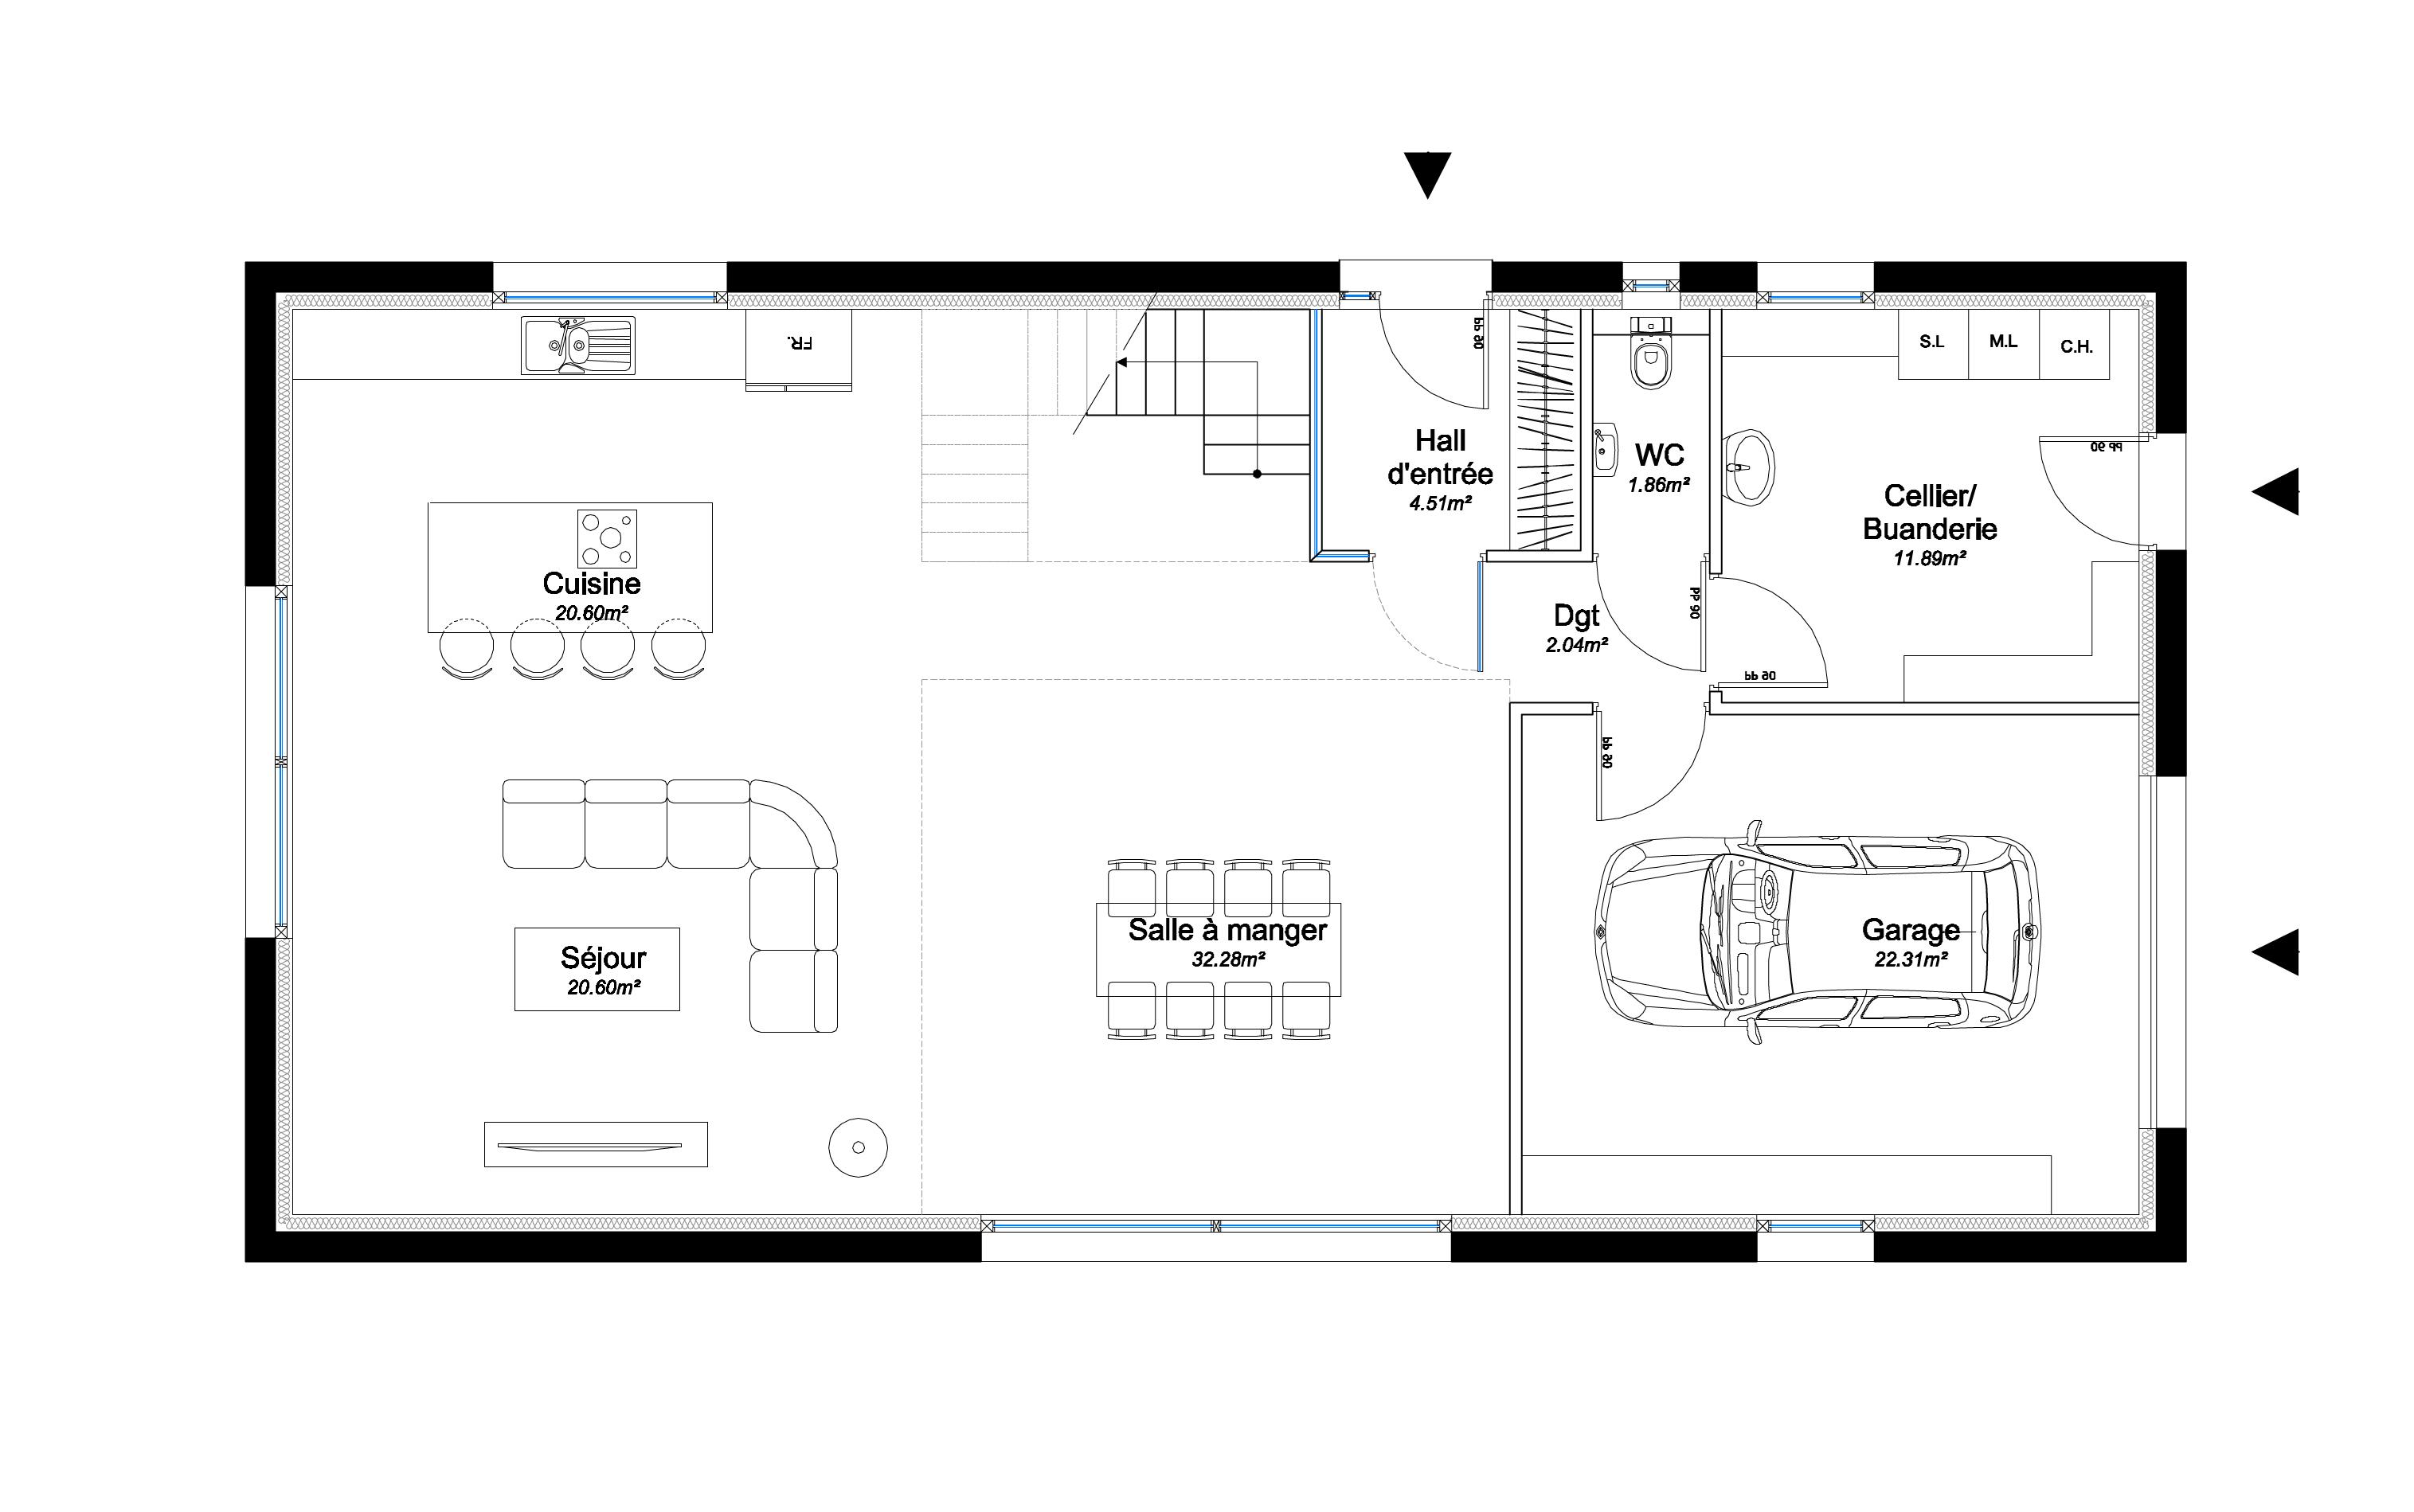 Construire une maison de 100m2 cool prix maison neuve m u for Construire une maison de 200m2